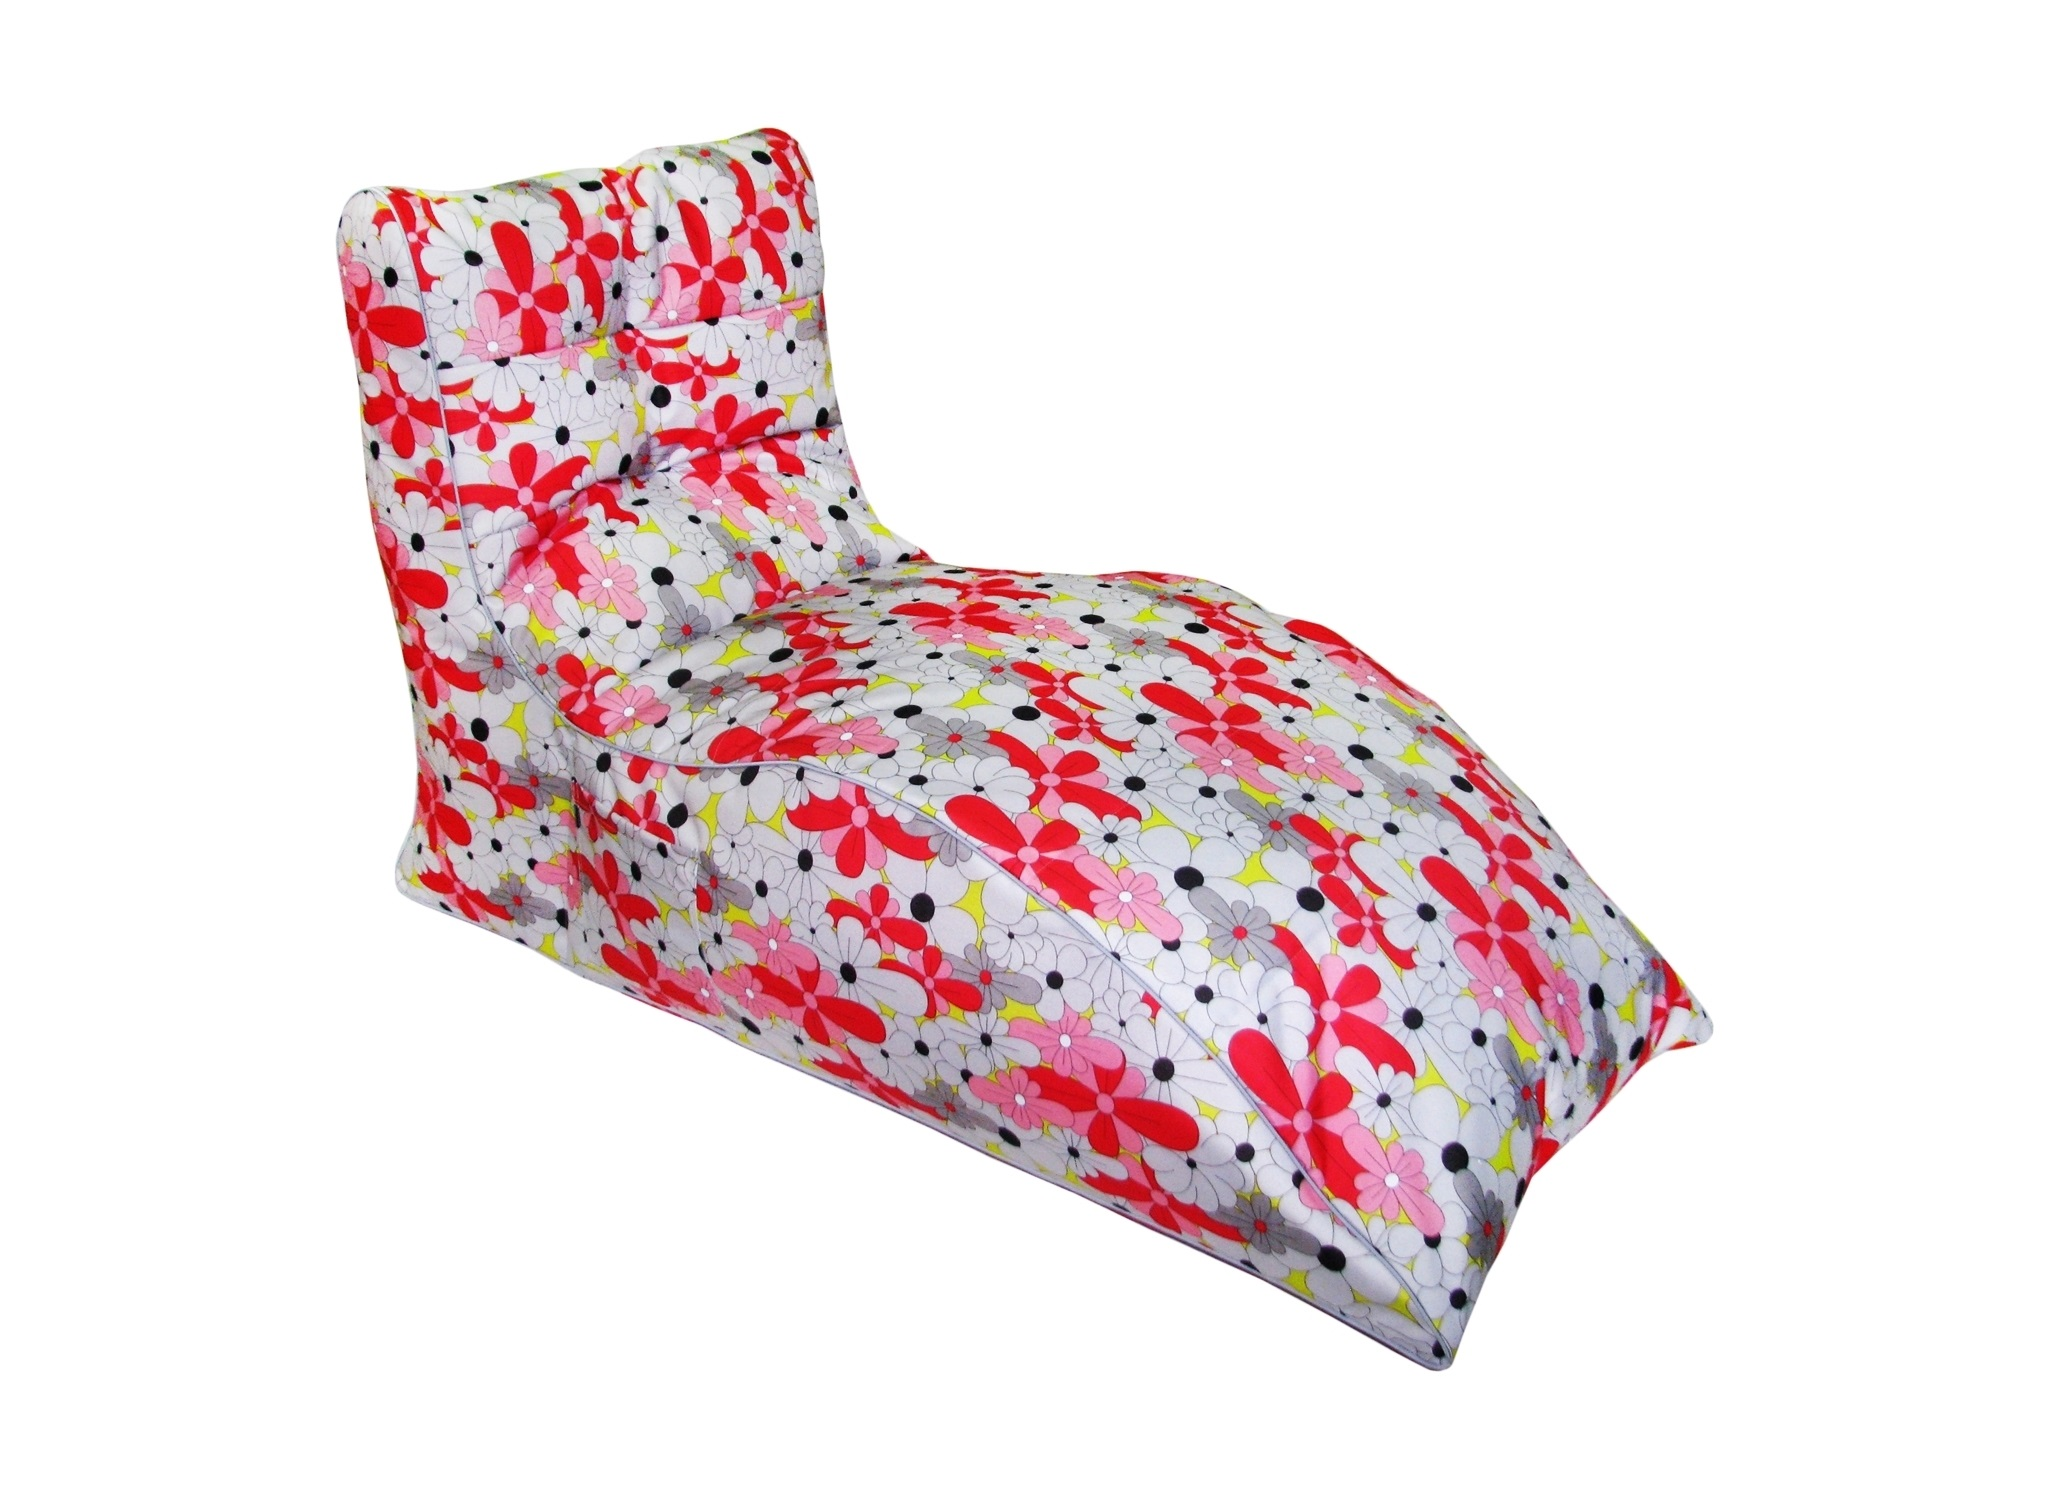 Кресло-лежак BloomЛежаки<br>Очень комфортное и  легкое  кресло станет неотьемлемой частью вашего интерьера как дома так и на улице. Сиденье и спинка кресла великолепно поддерживают и принимют форму тела, обеспечивая комфортный отдых. Читайте книгу, общайтесь с друзьями или просто наслаждайтесь лучами летнего солнца удобно разместившись в этом кресле!  Оно сшито из очень плотной ткани с водооталкивающим покрытием с внешней строны, поэтому идеально подойтет для уличного декора.При загразнении его достаточно протереть мокрой салфеткой.<br><br>Material: Текстиль<br>Length см: None<br>Width см: 80<br>Depth см: 60<br>Height см: 131